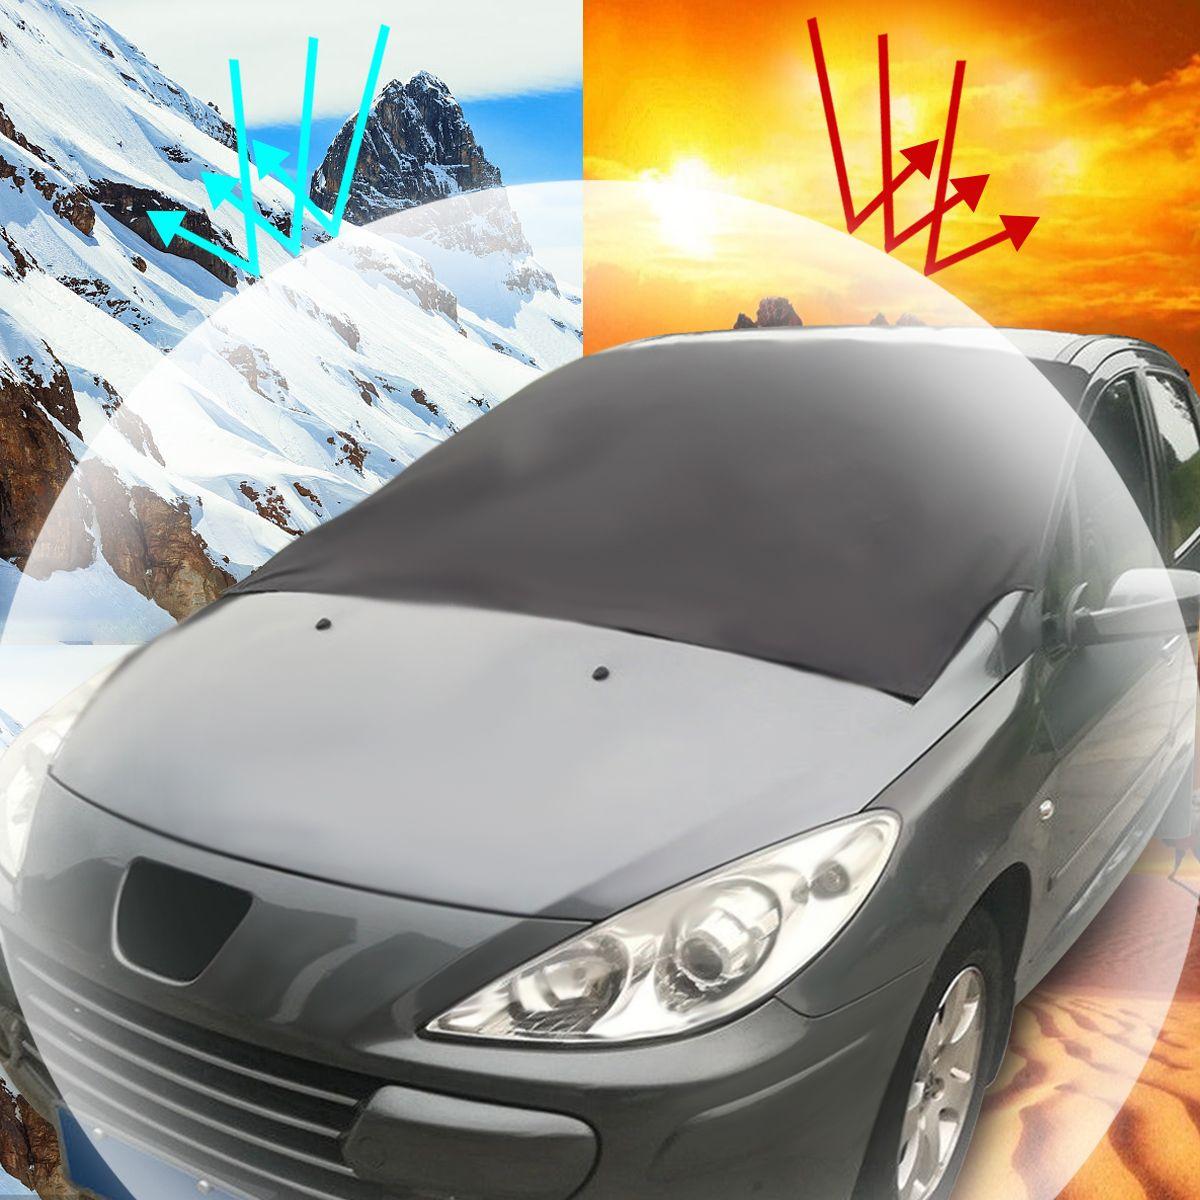 En gros De Voyage En Plein Air De Voiture Parasol SUV Magnet Couverture De Pare-Brise Sun Shield Neige Glace Sun Frost Portector